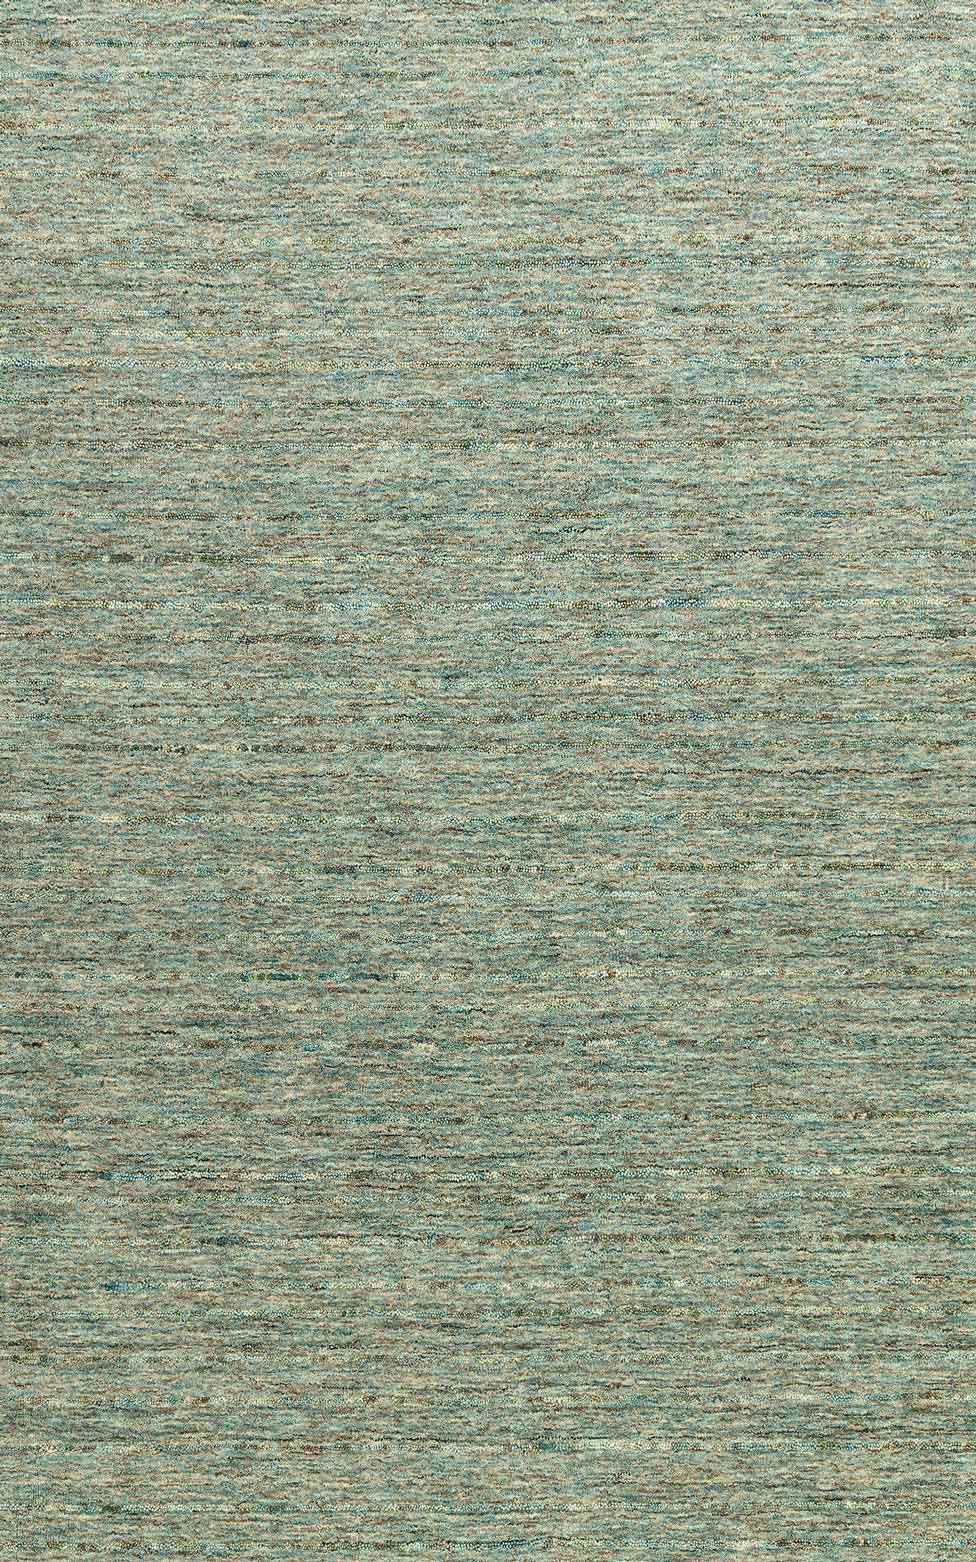 MY7 Turquoise